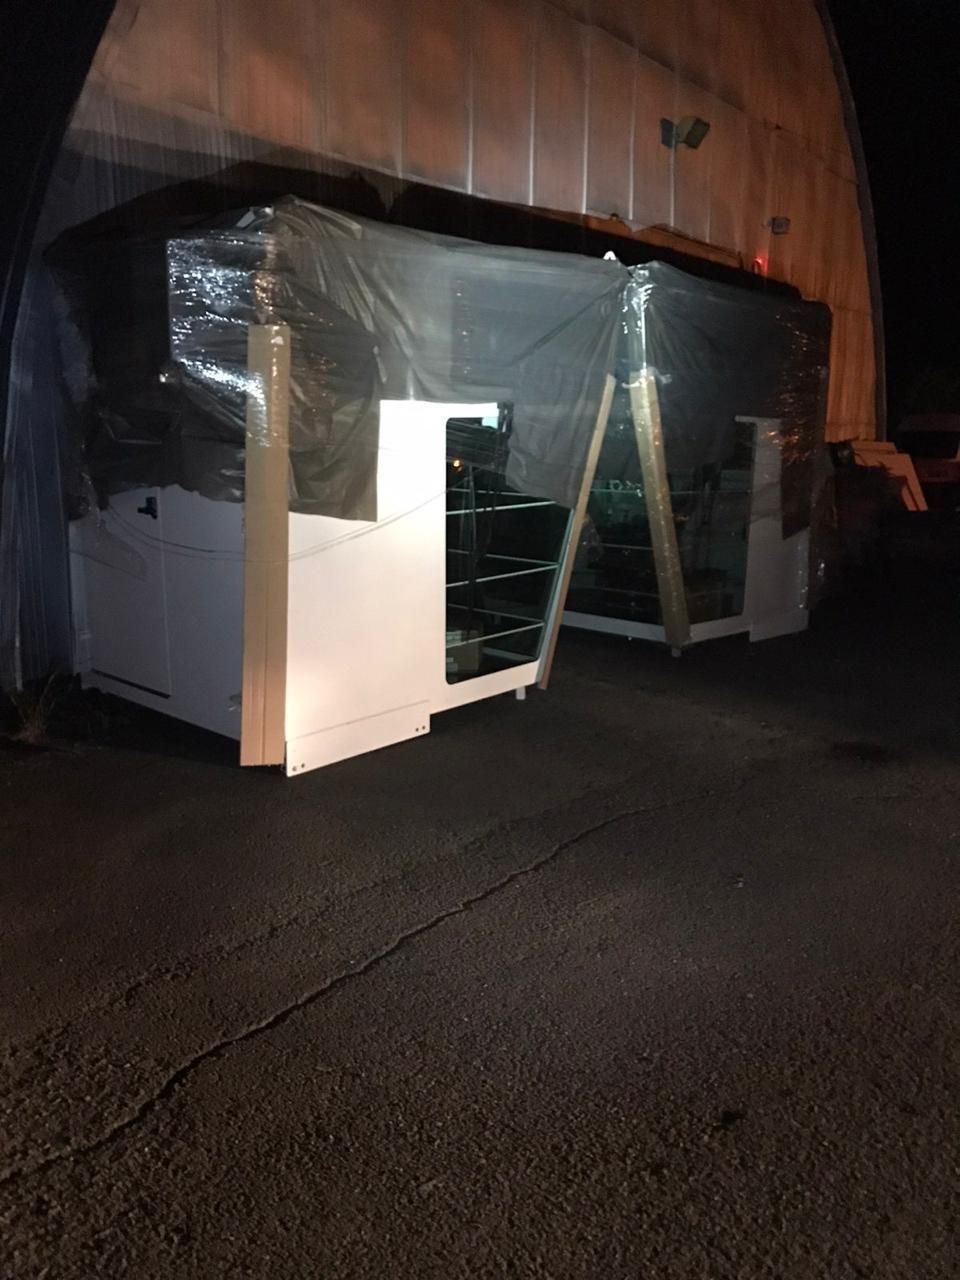 Закарпатські митники затримали товар вартістю понад 1 млн гривень (ФОТО), фото-2